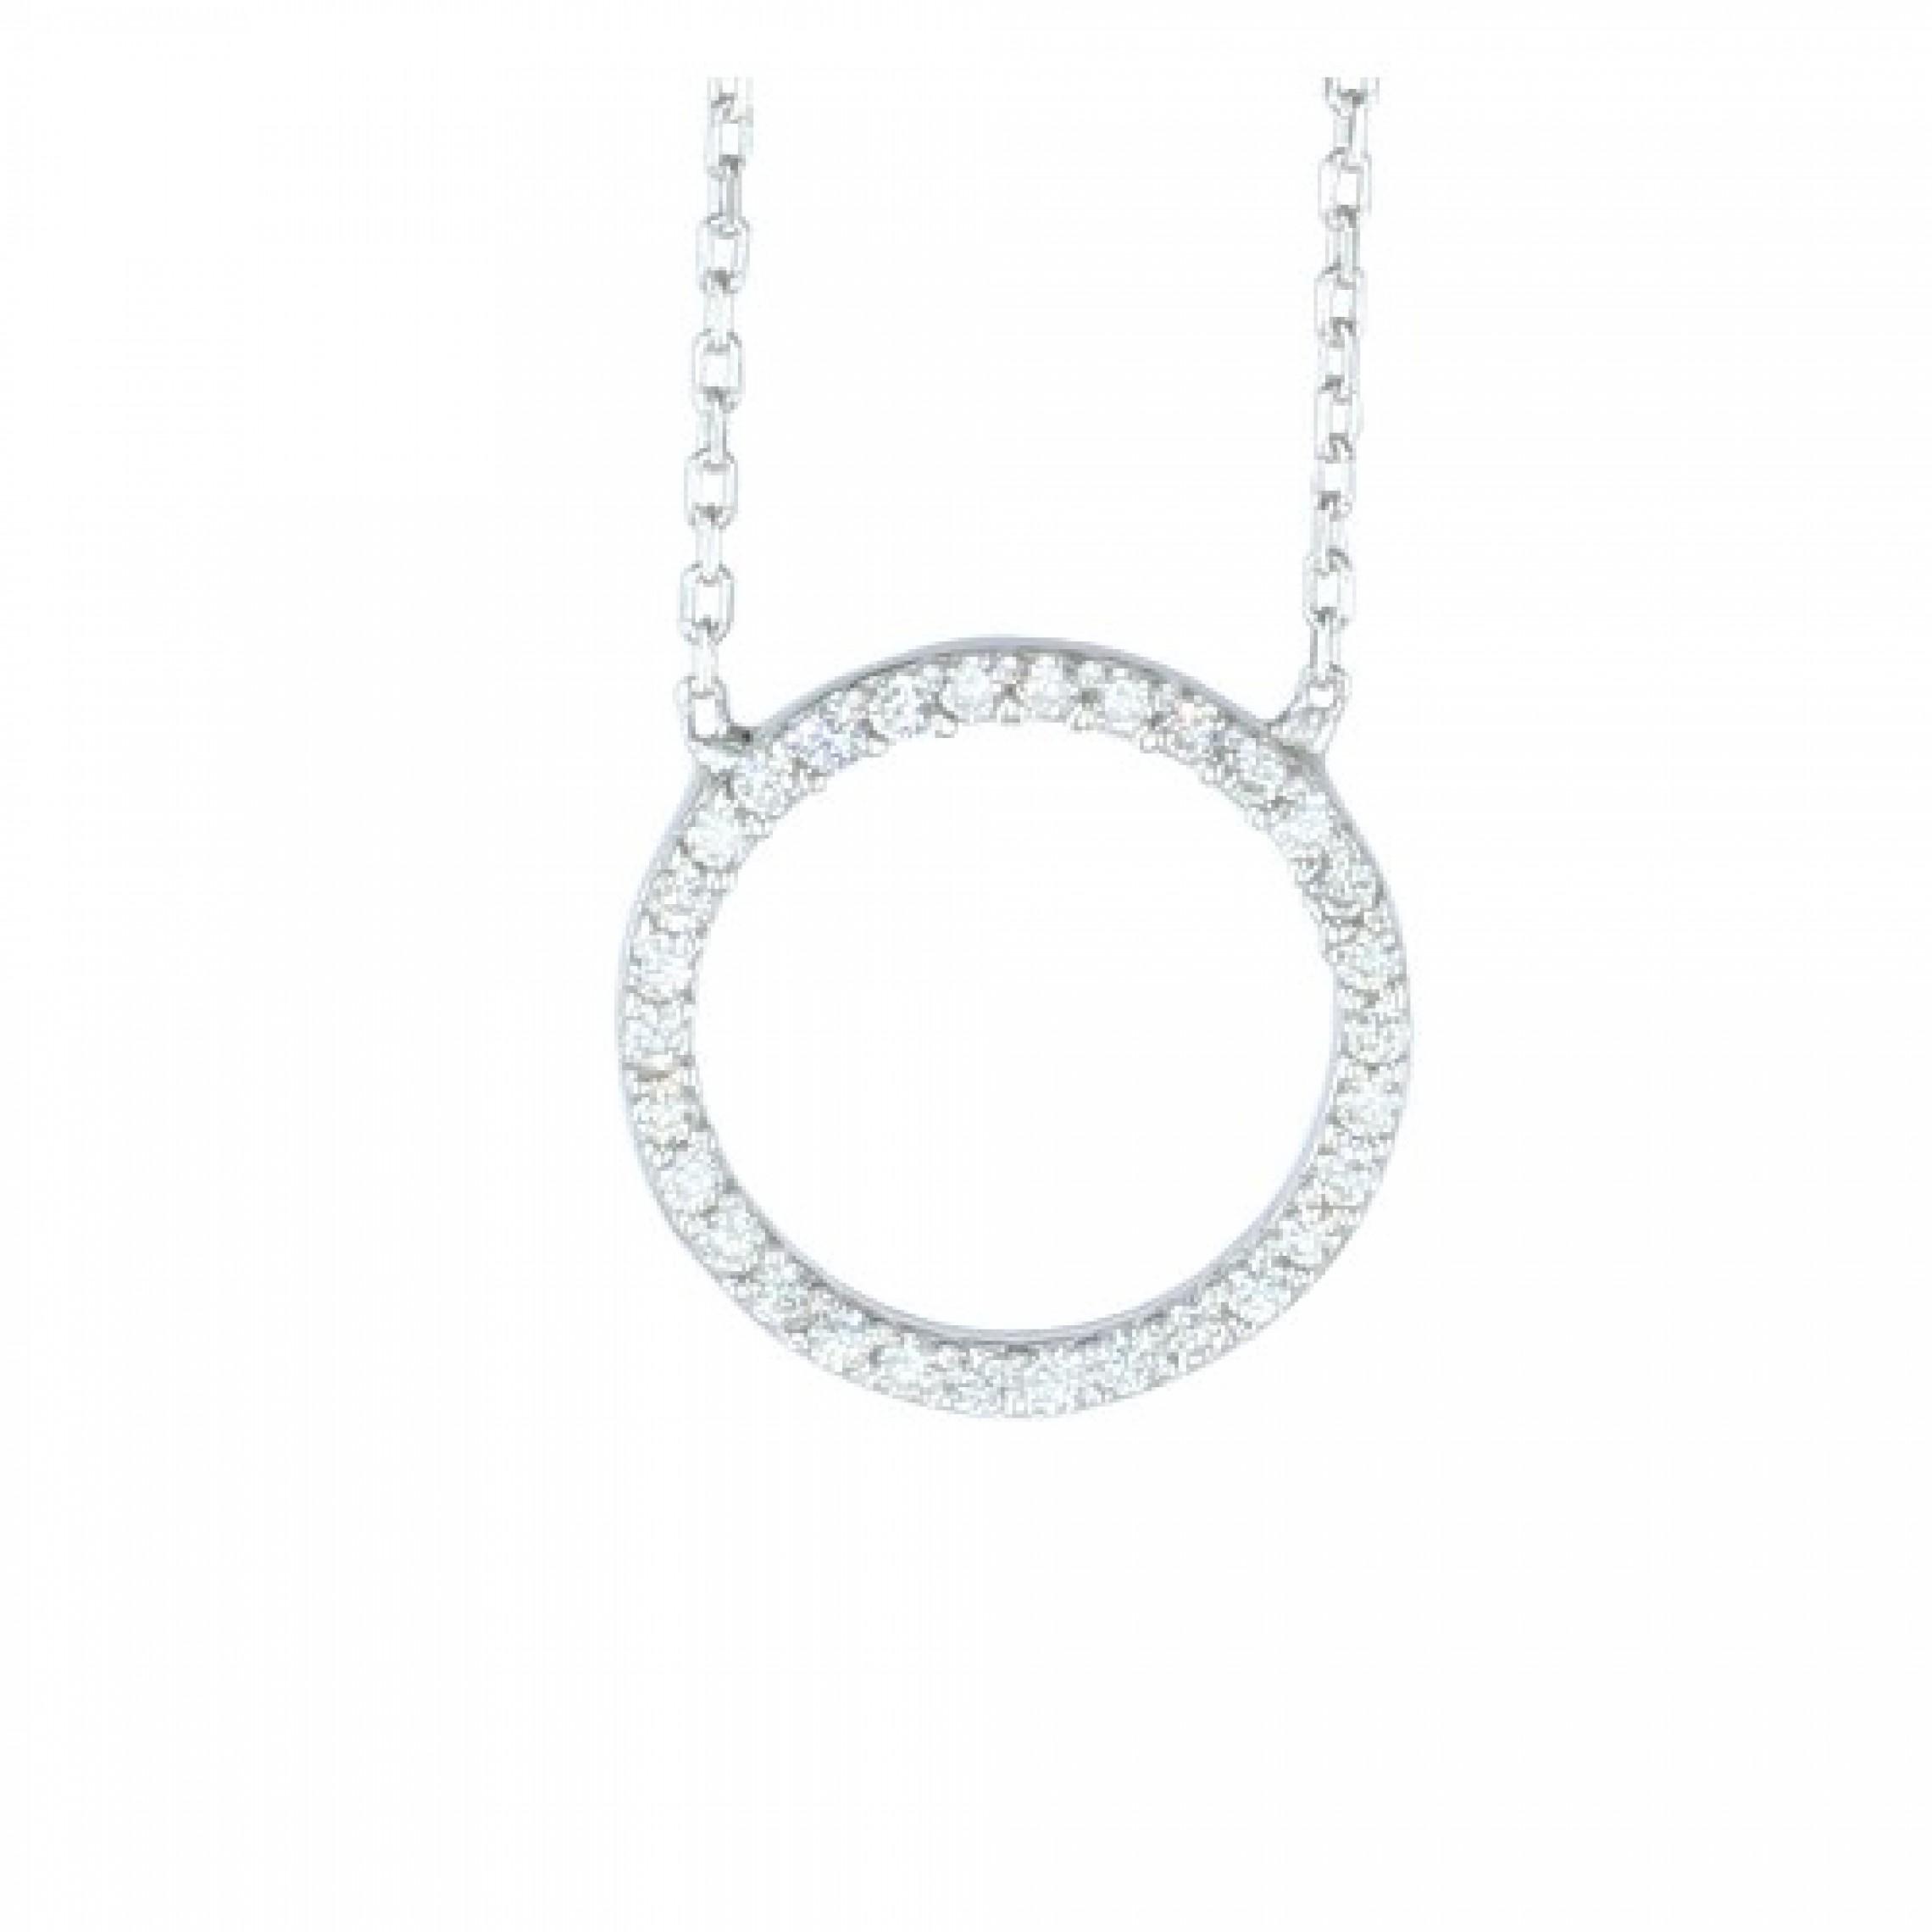 SN-378 Evil Eye 925 Sterling Silver CZ Necklace